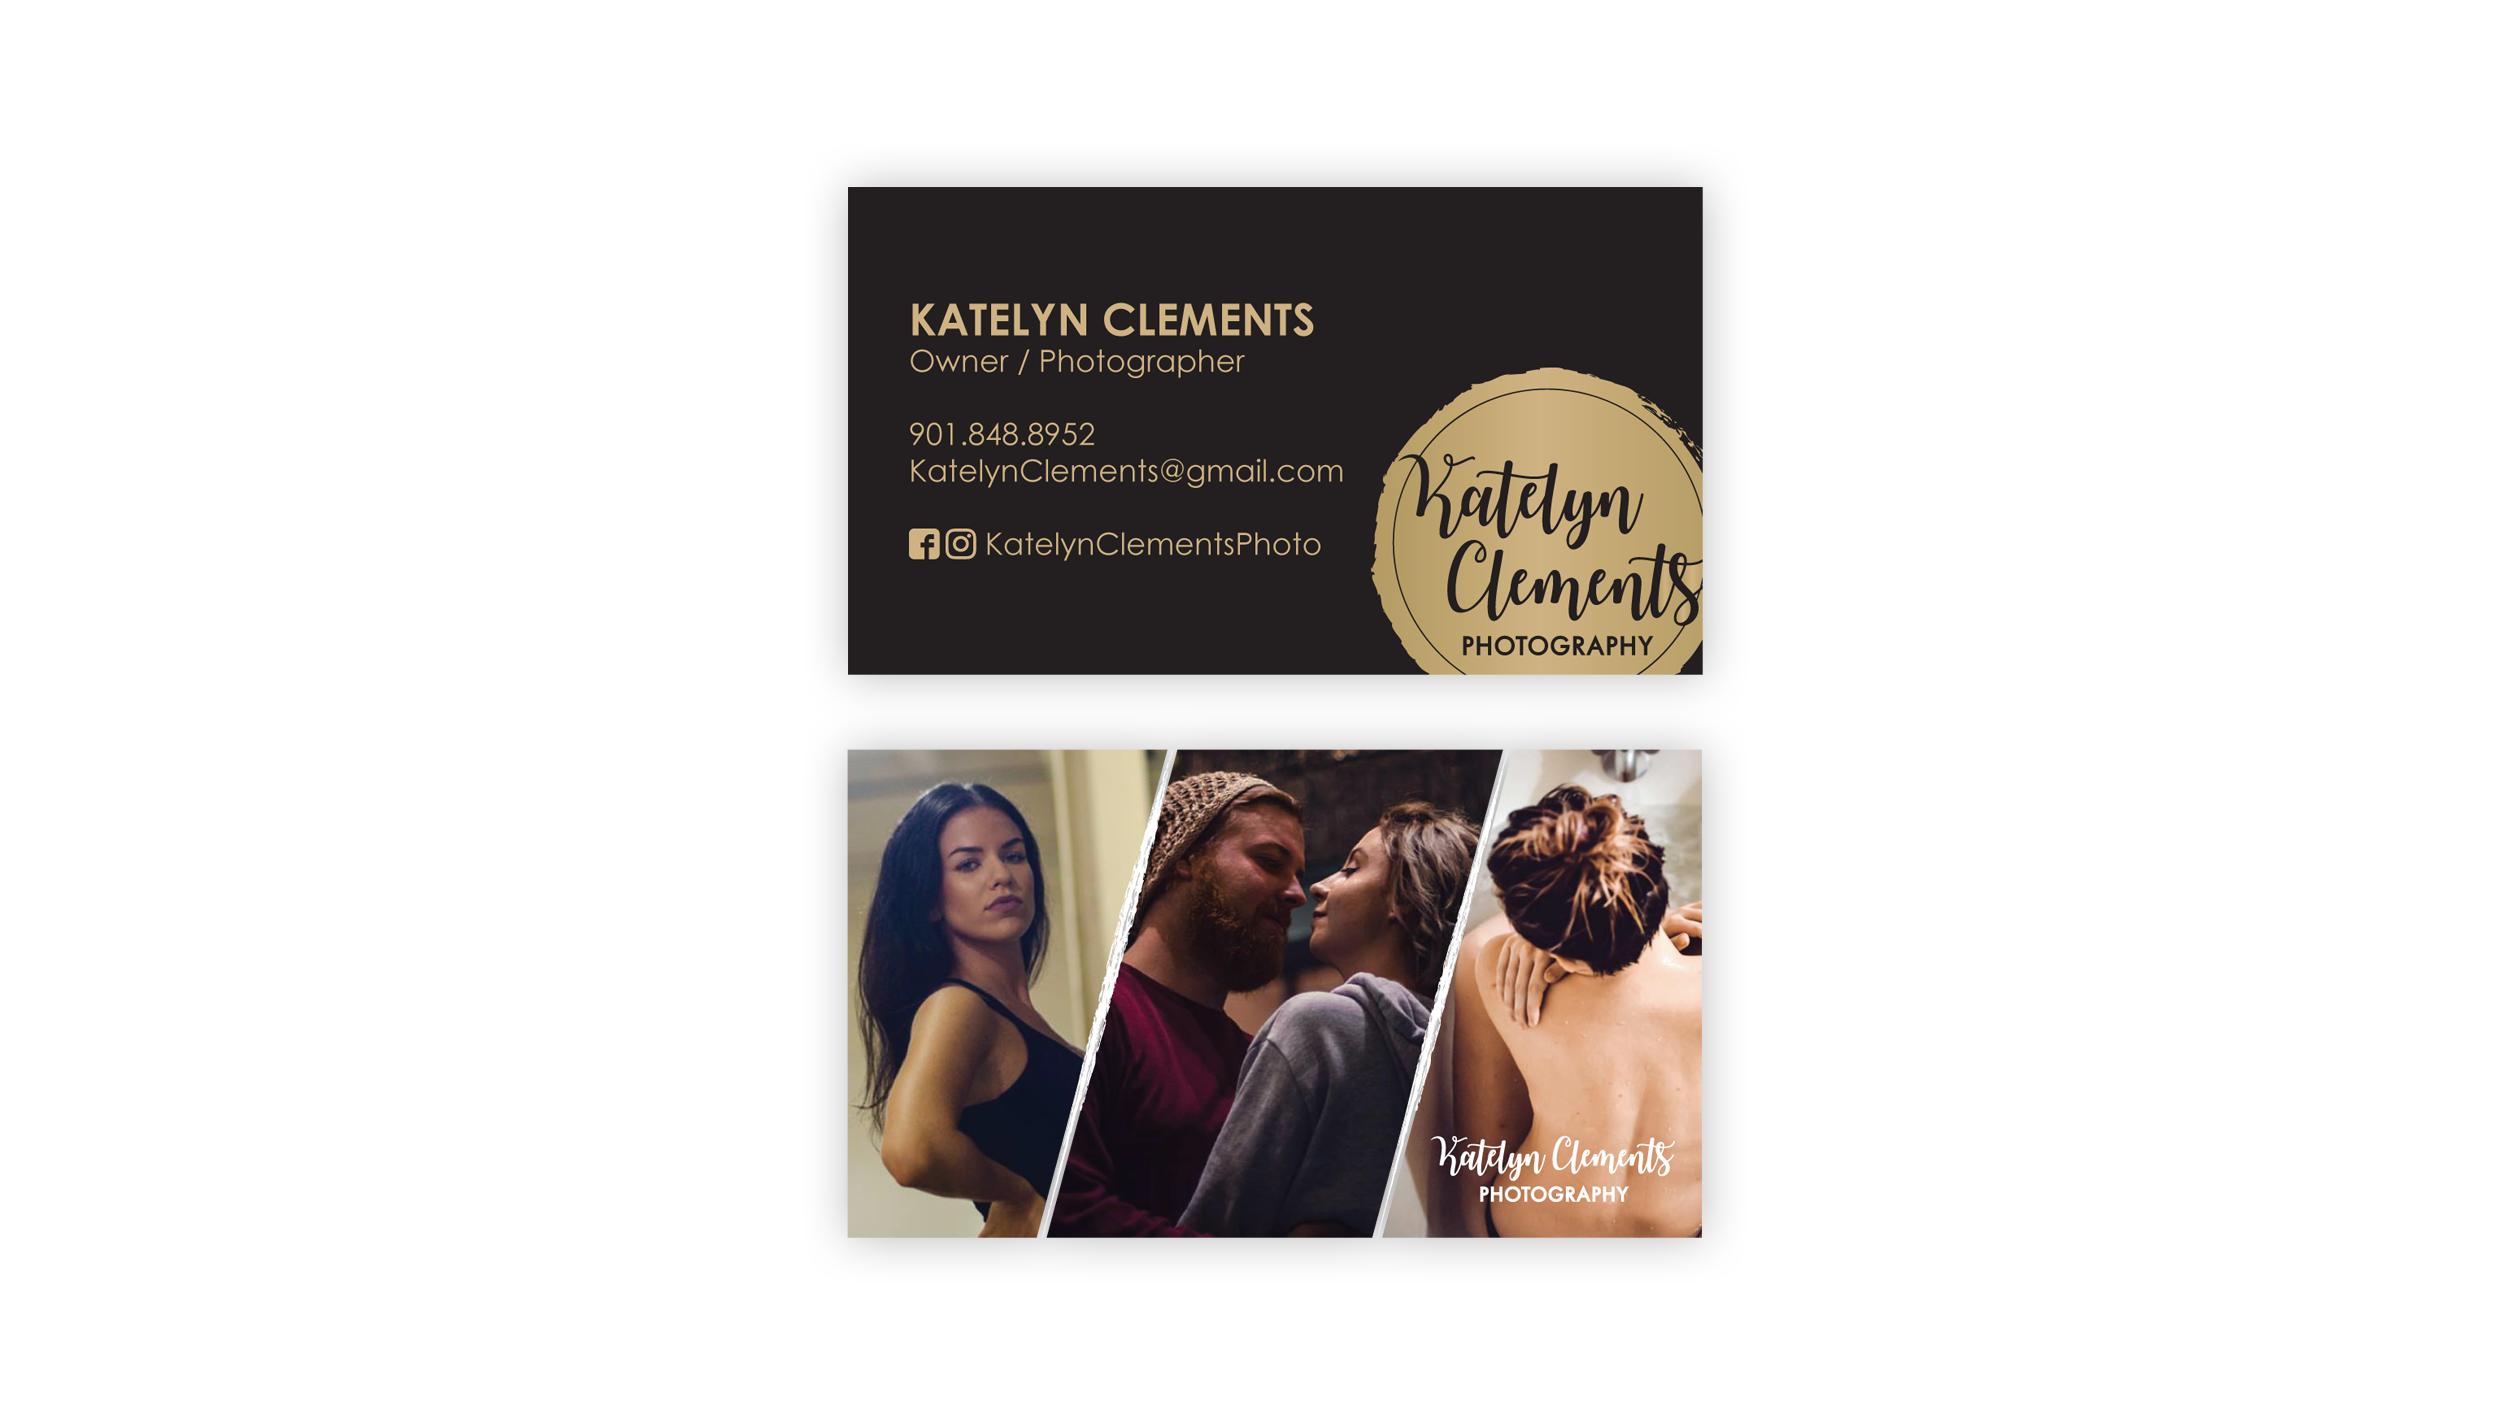 Katelyn-Clements-Photoagrahy_Print-Design_Dreamcapture_Memphis-TN